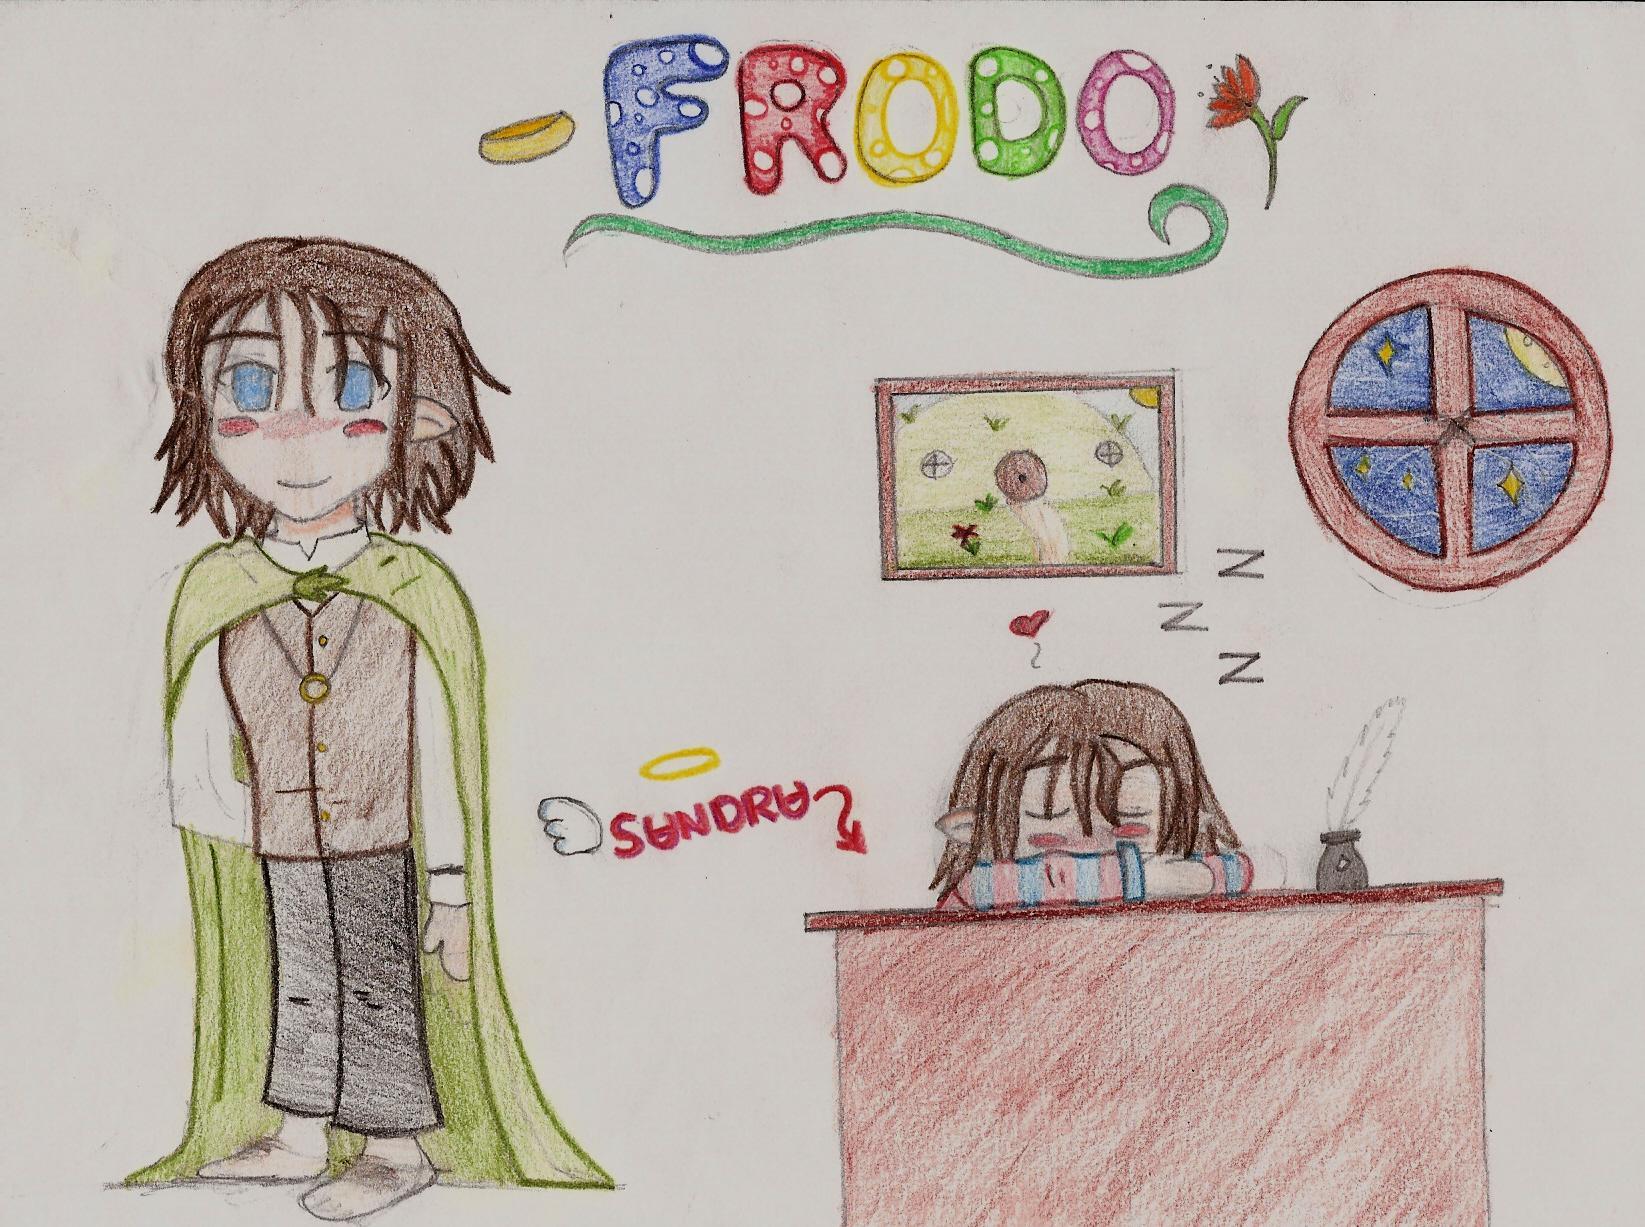 Chibi Frodo by stupot